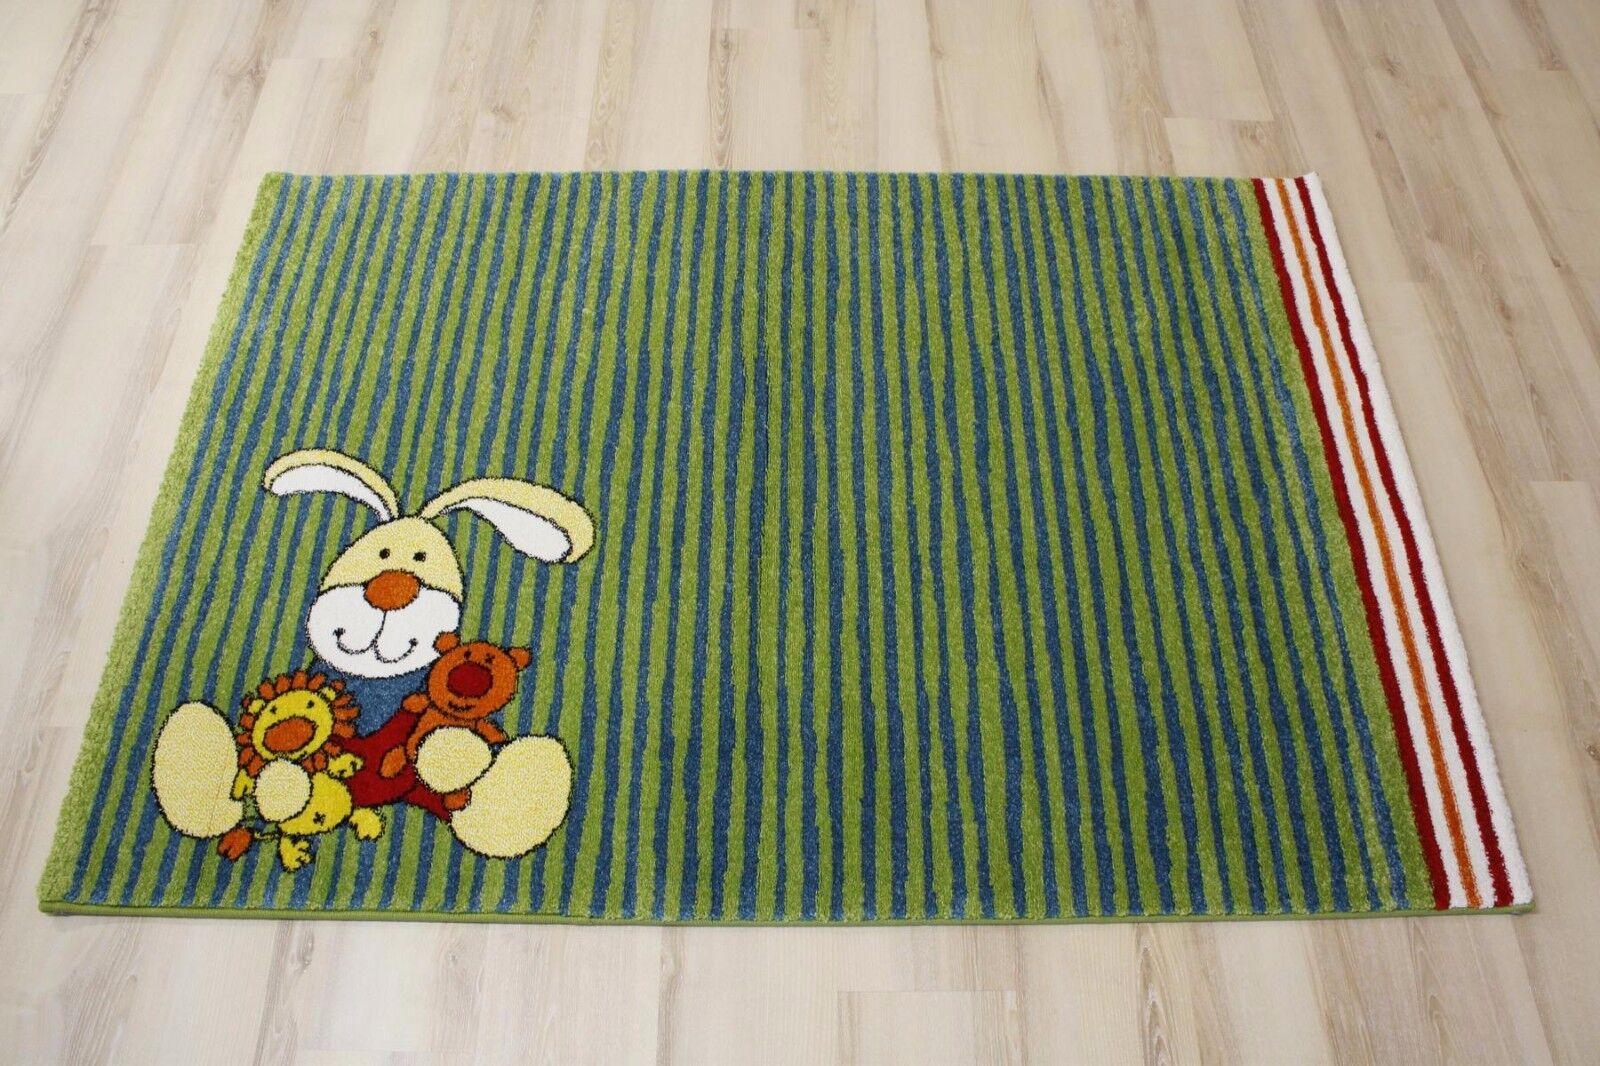 Tapis pour Enfants Tapis de Jeu Sigikid Sk-0527-02 Bunny 80x150 cm Vert